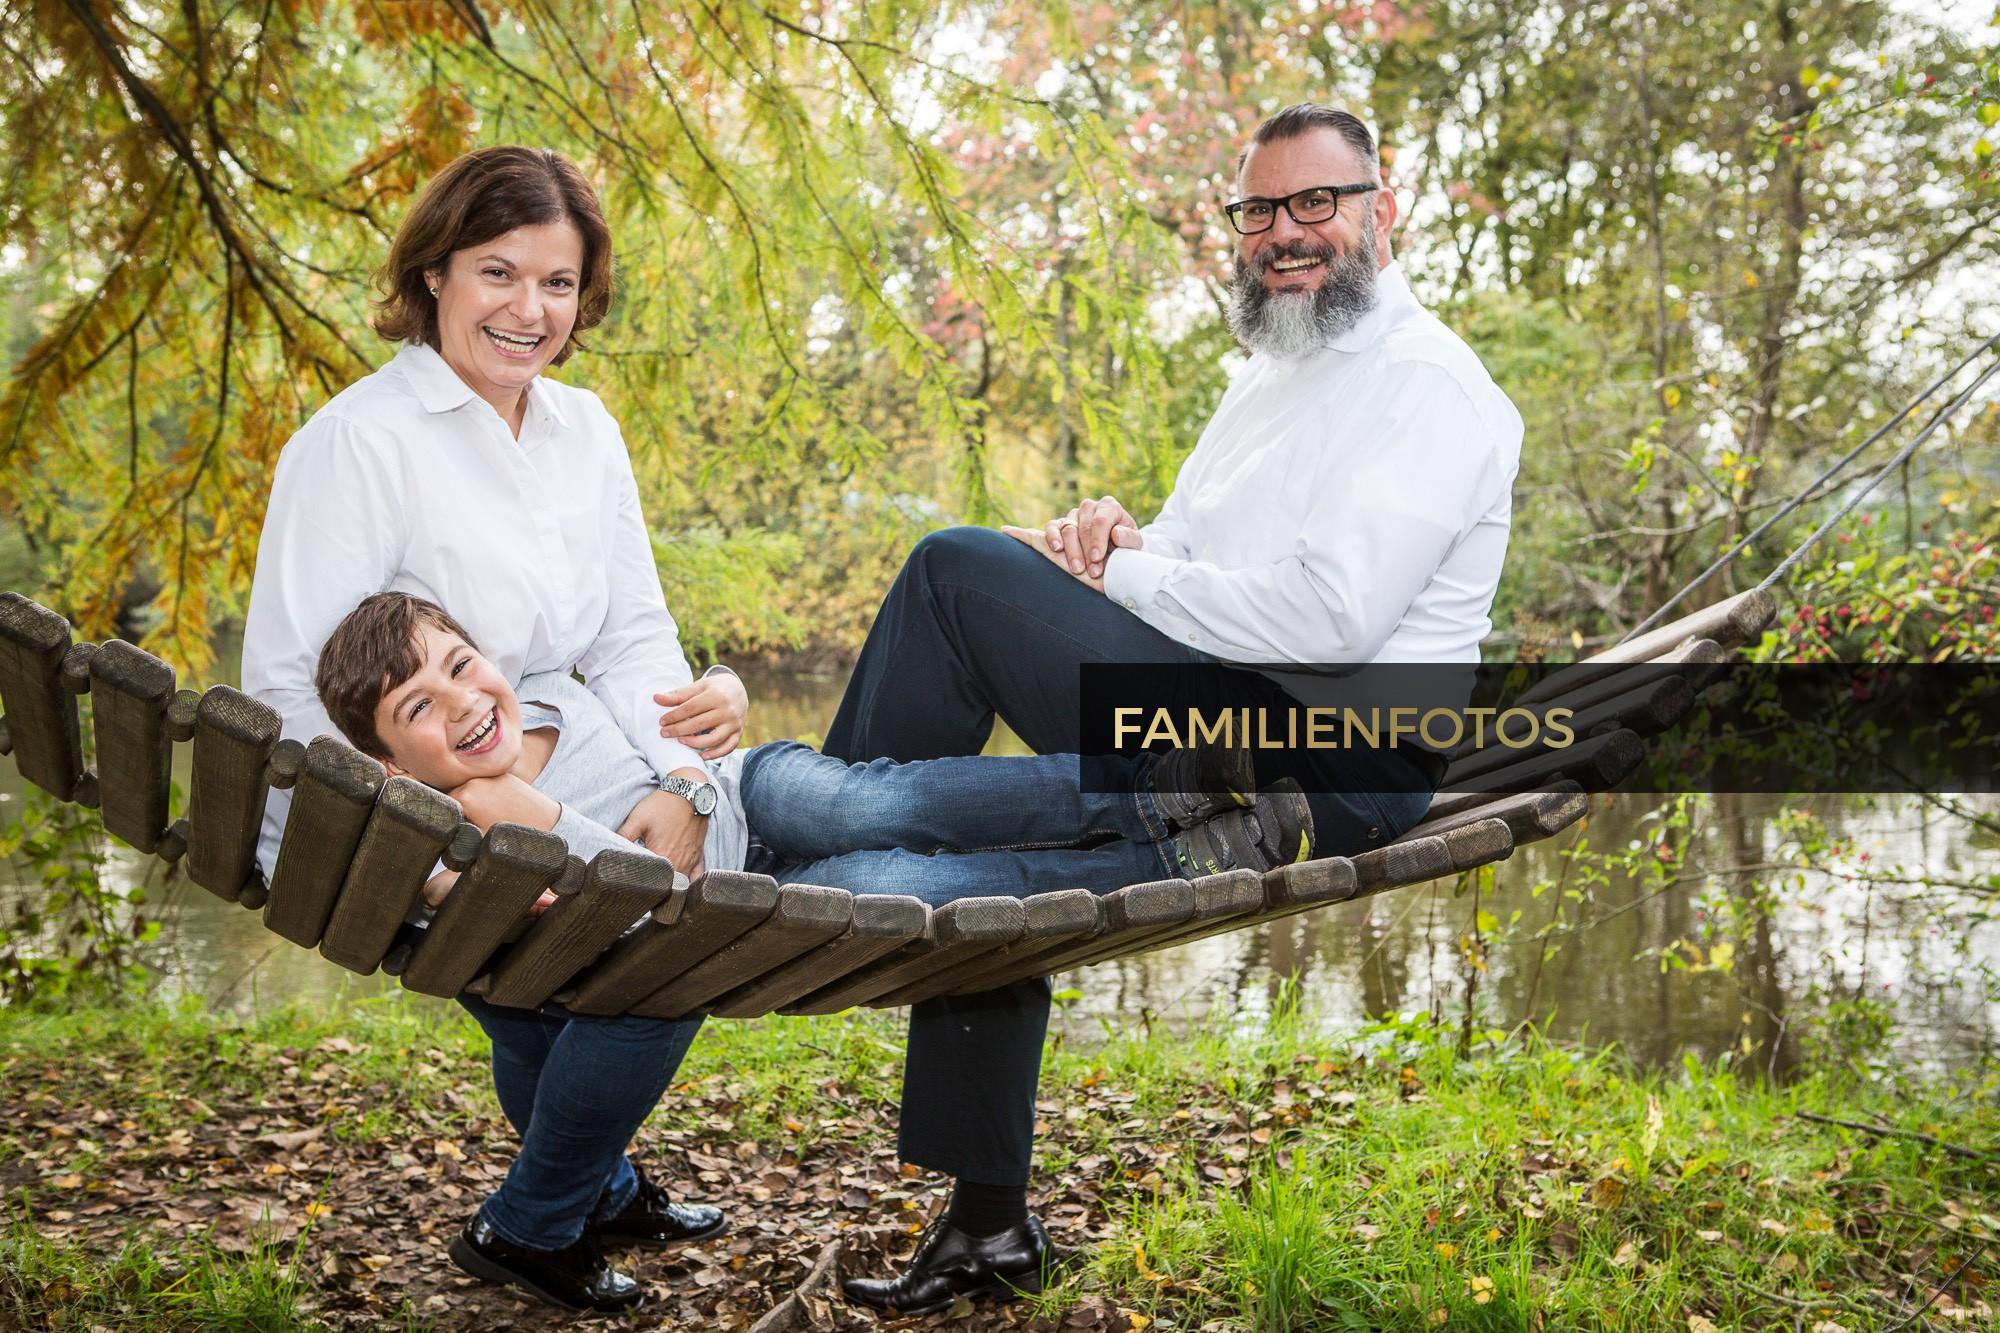 Familienfotos 2